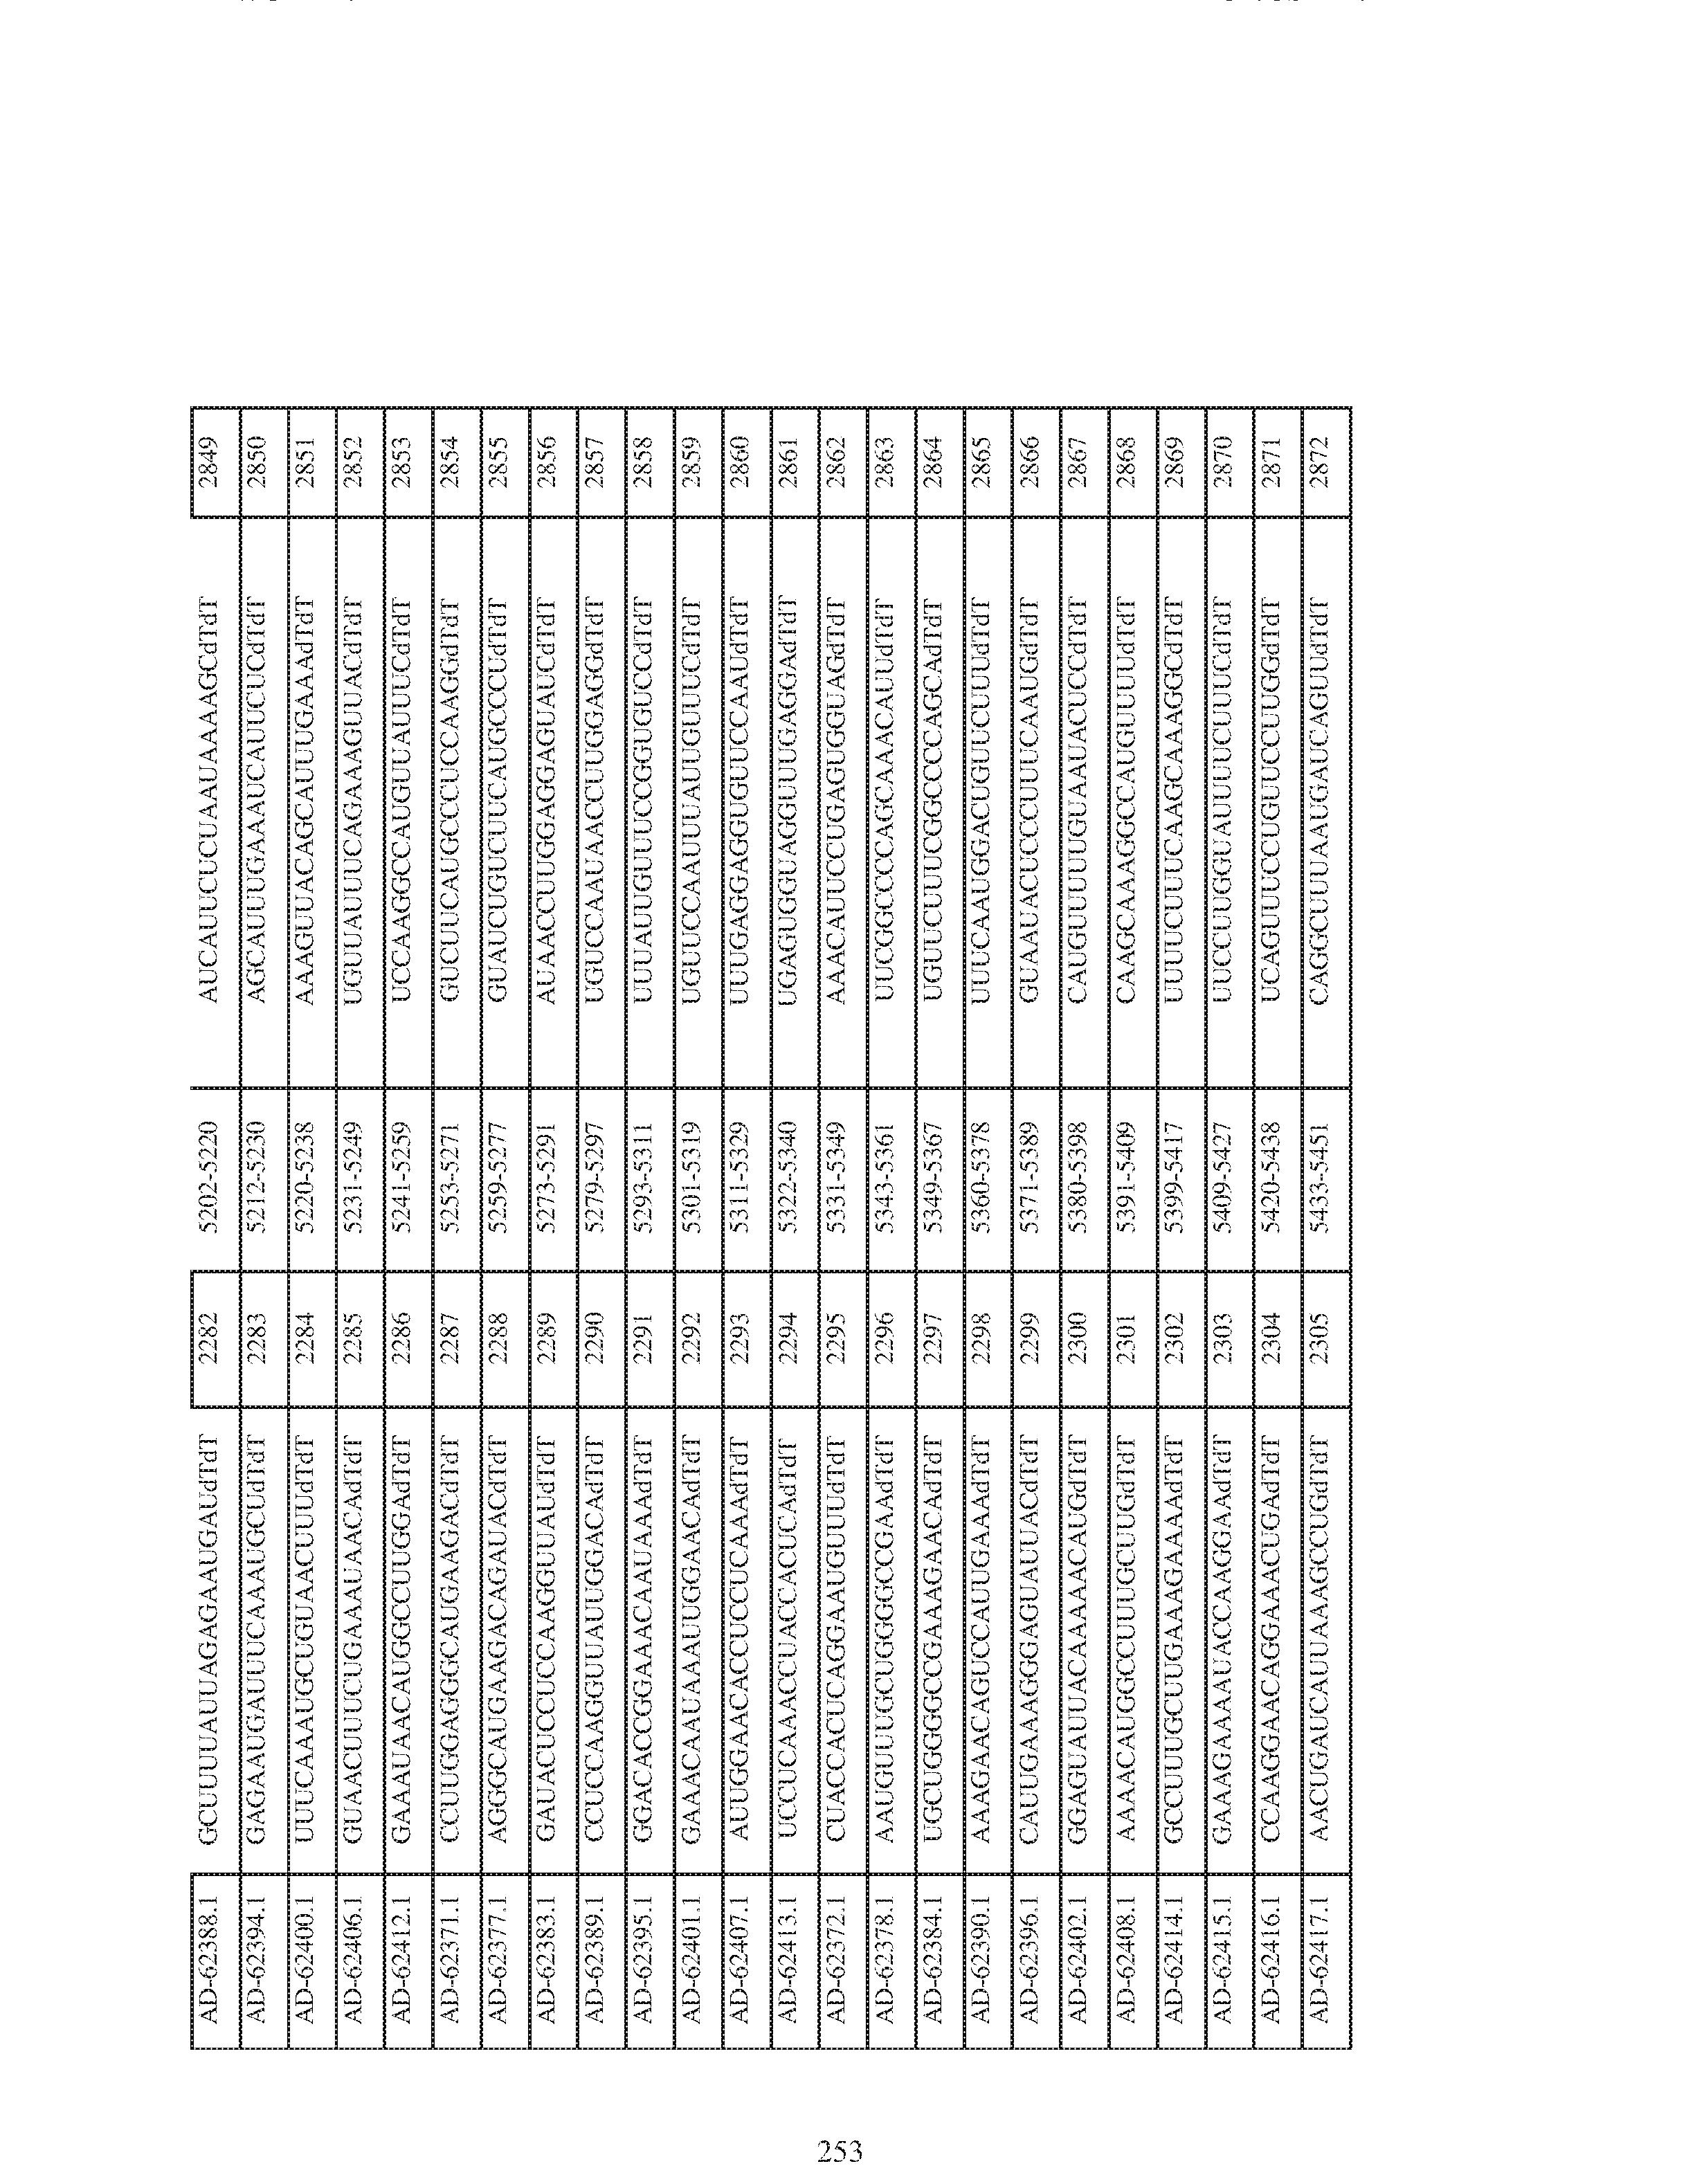 Figure imgf000254_0001